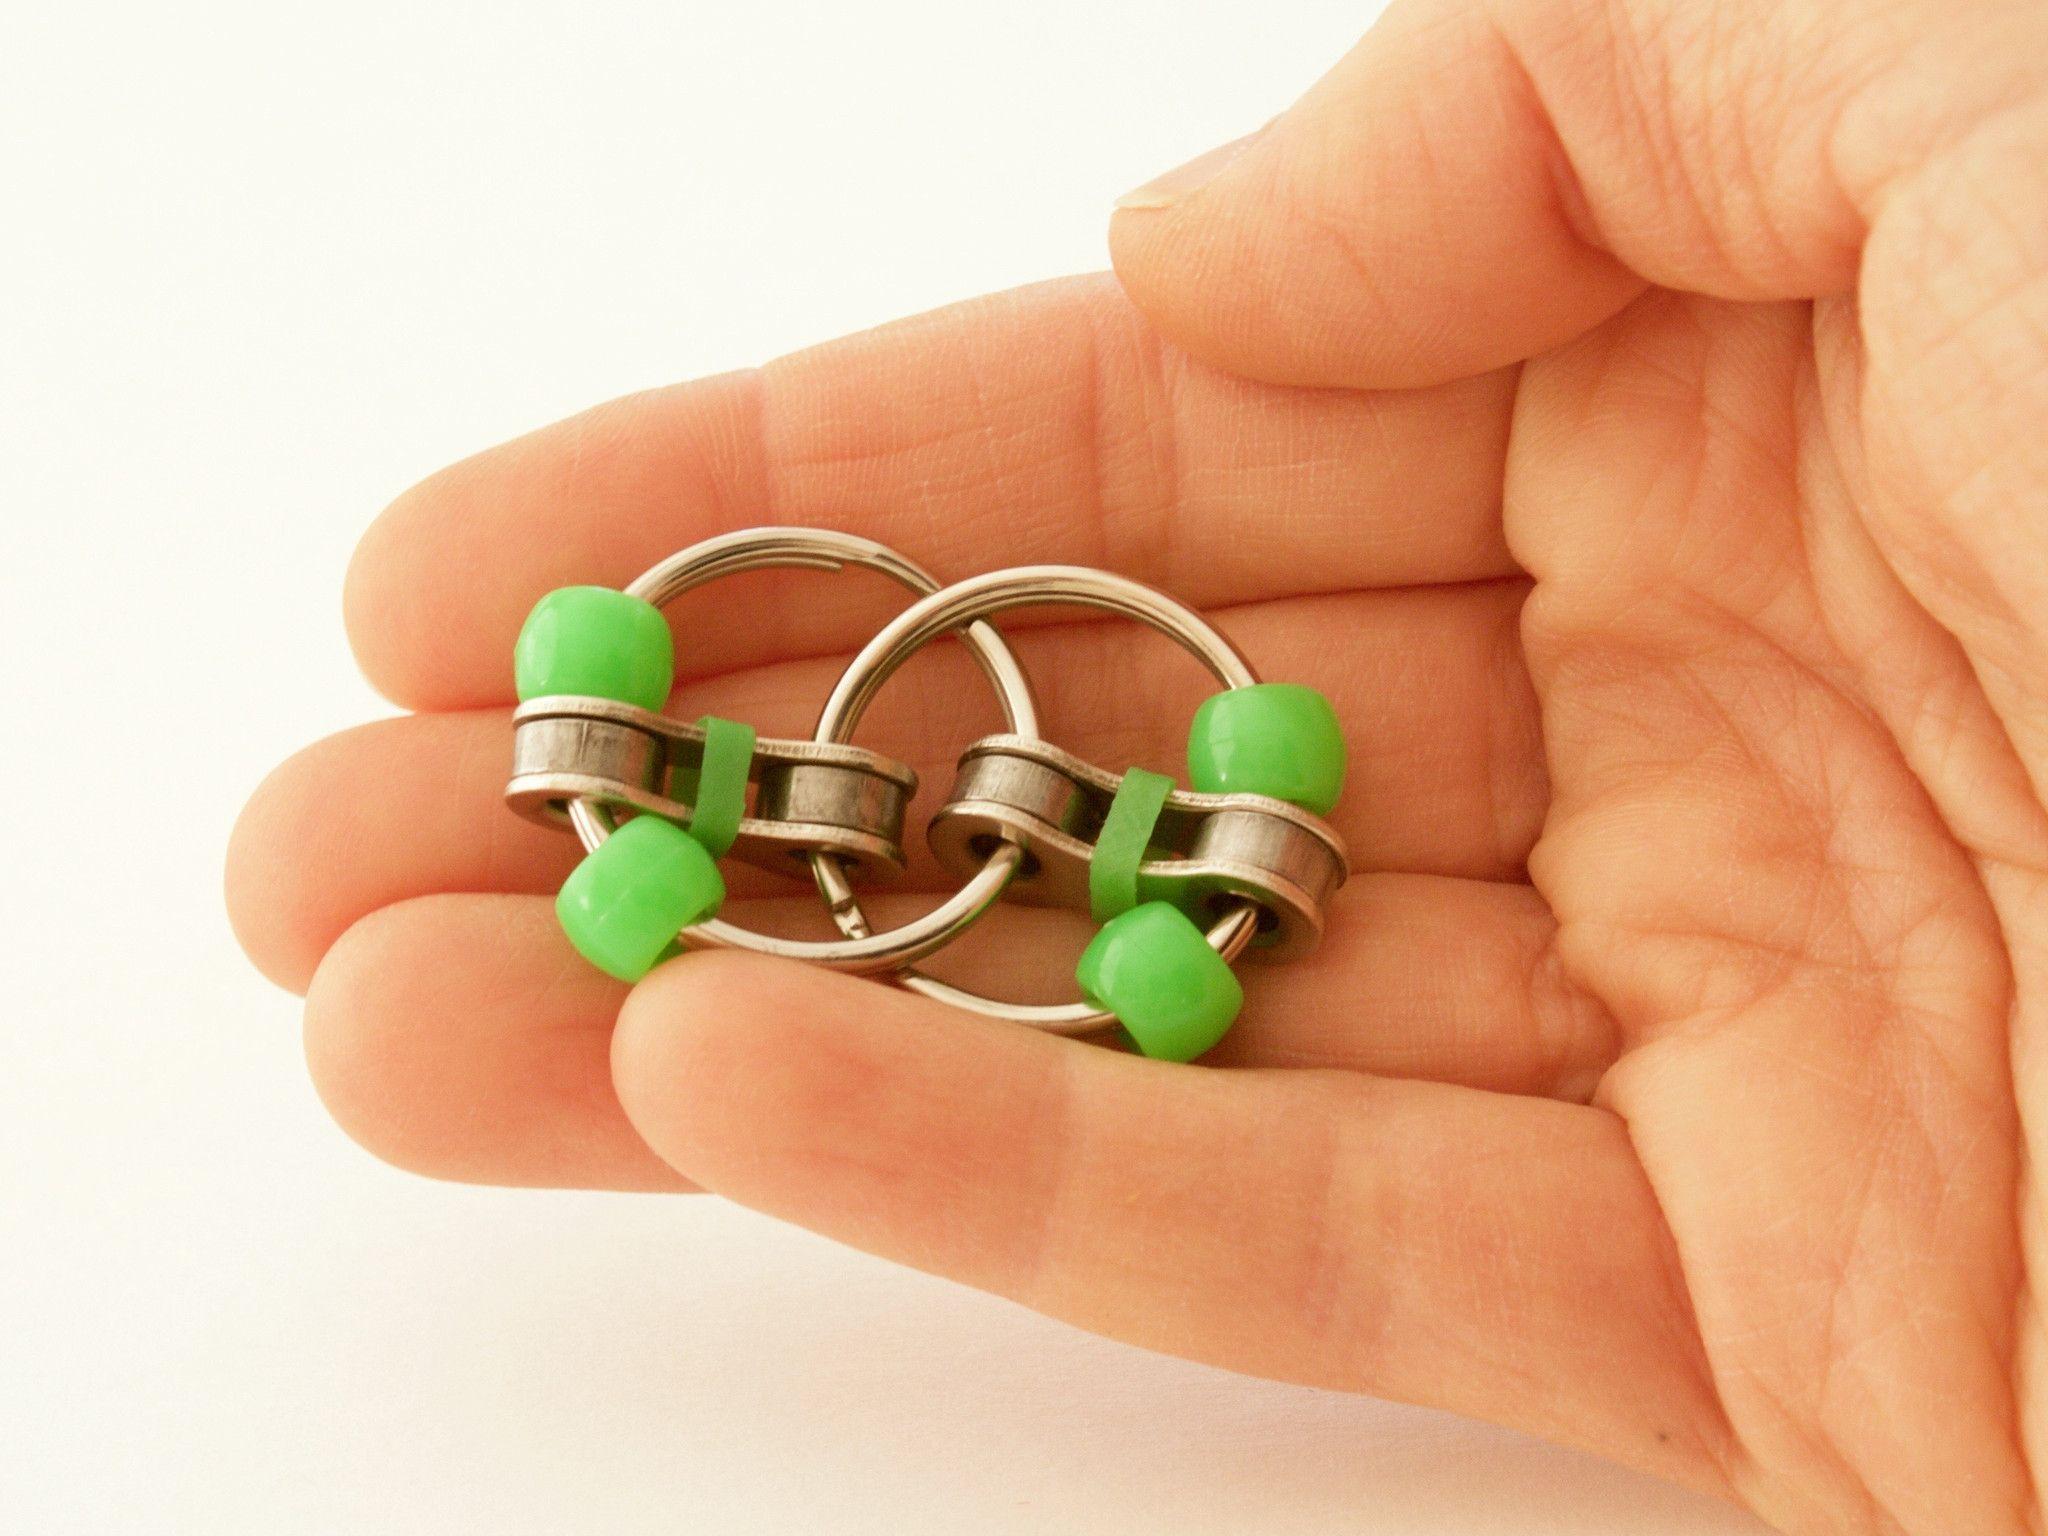 Bike chain fidget toy loosey fidget green pocket sized